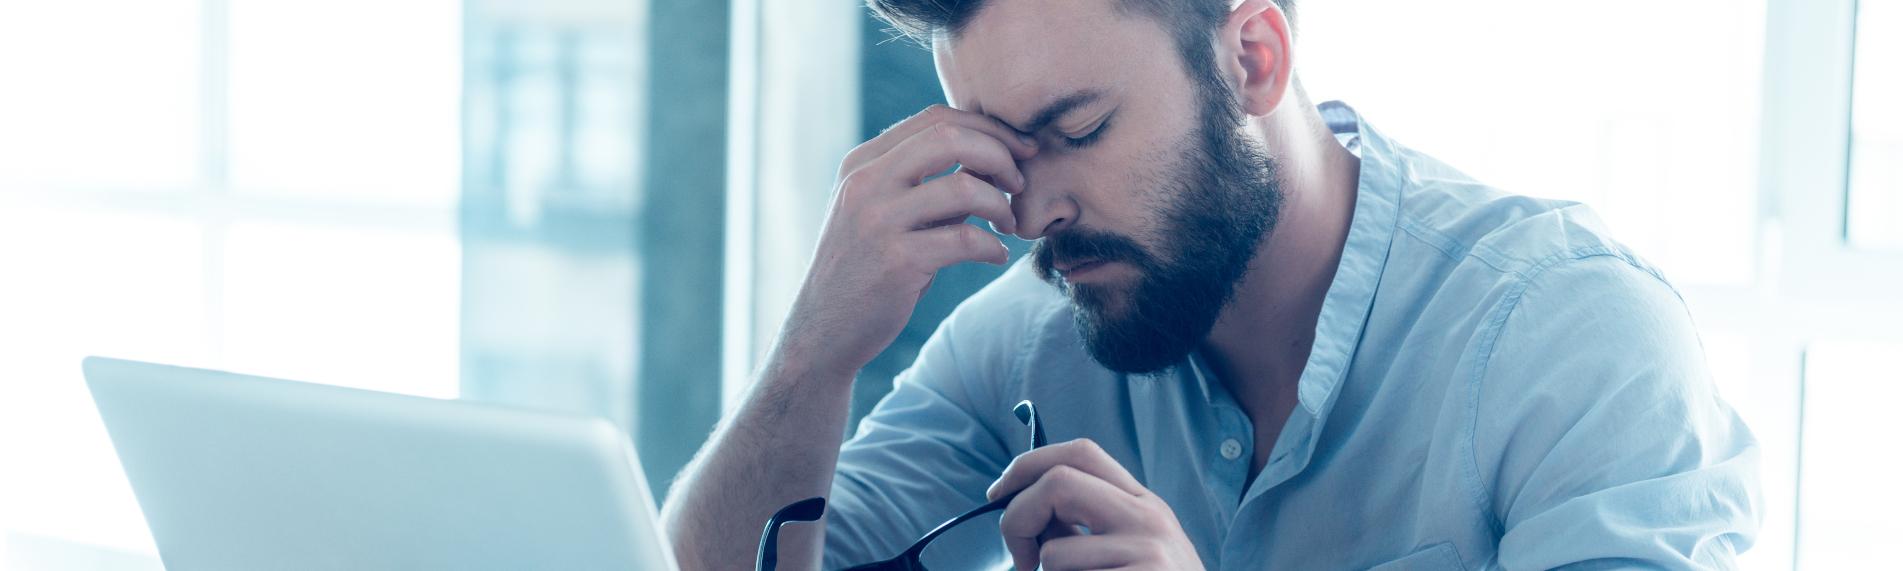 Dårlig luftfugtighed kan være årsagen til tørre øjne og hovedpine på arbejdspladsen